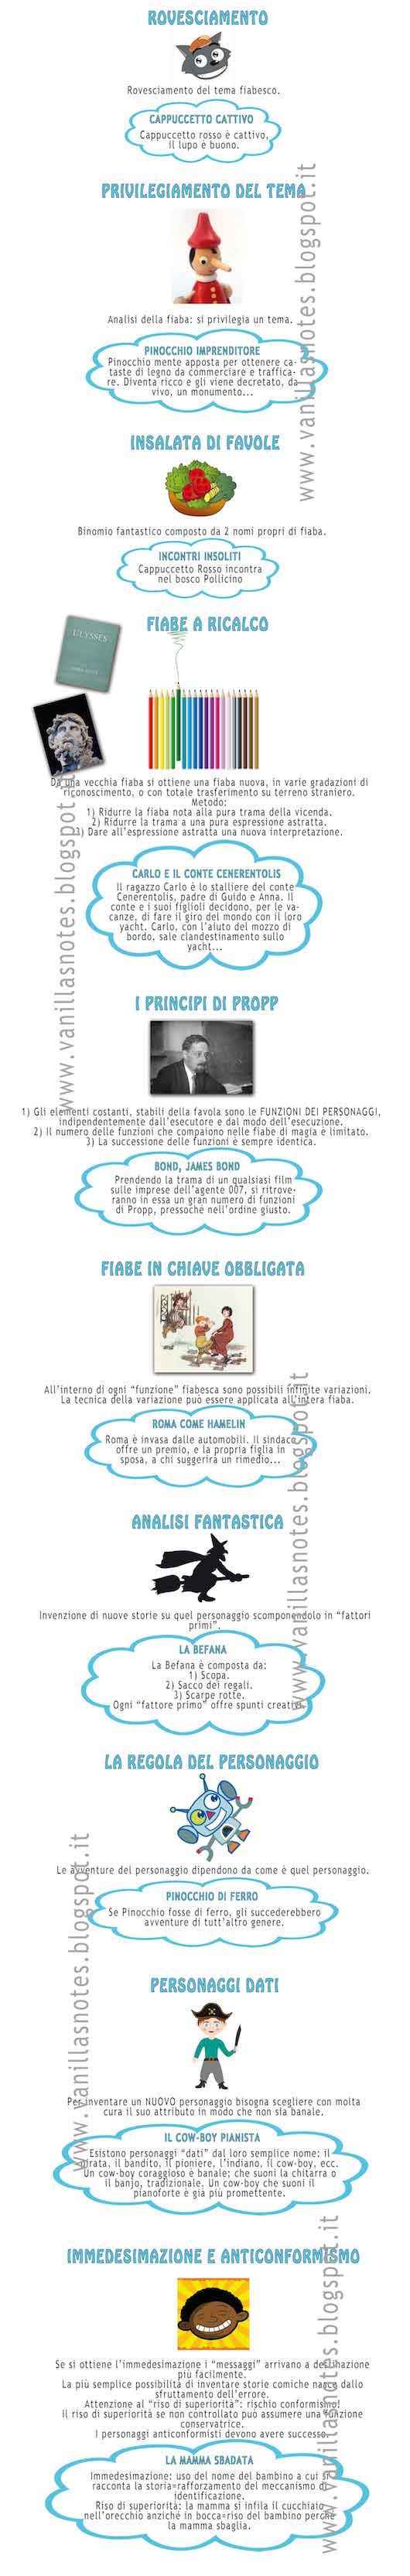 Gianni-Rodari-Grammatica-della-fantasia-Parte-2-2